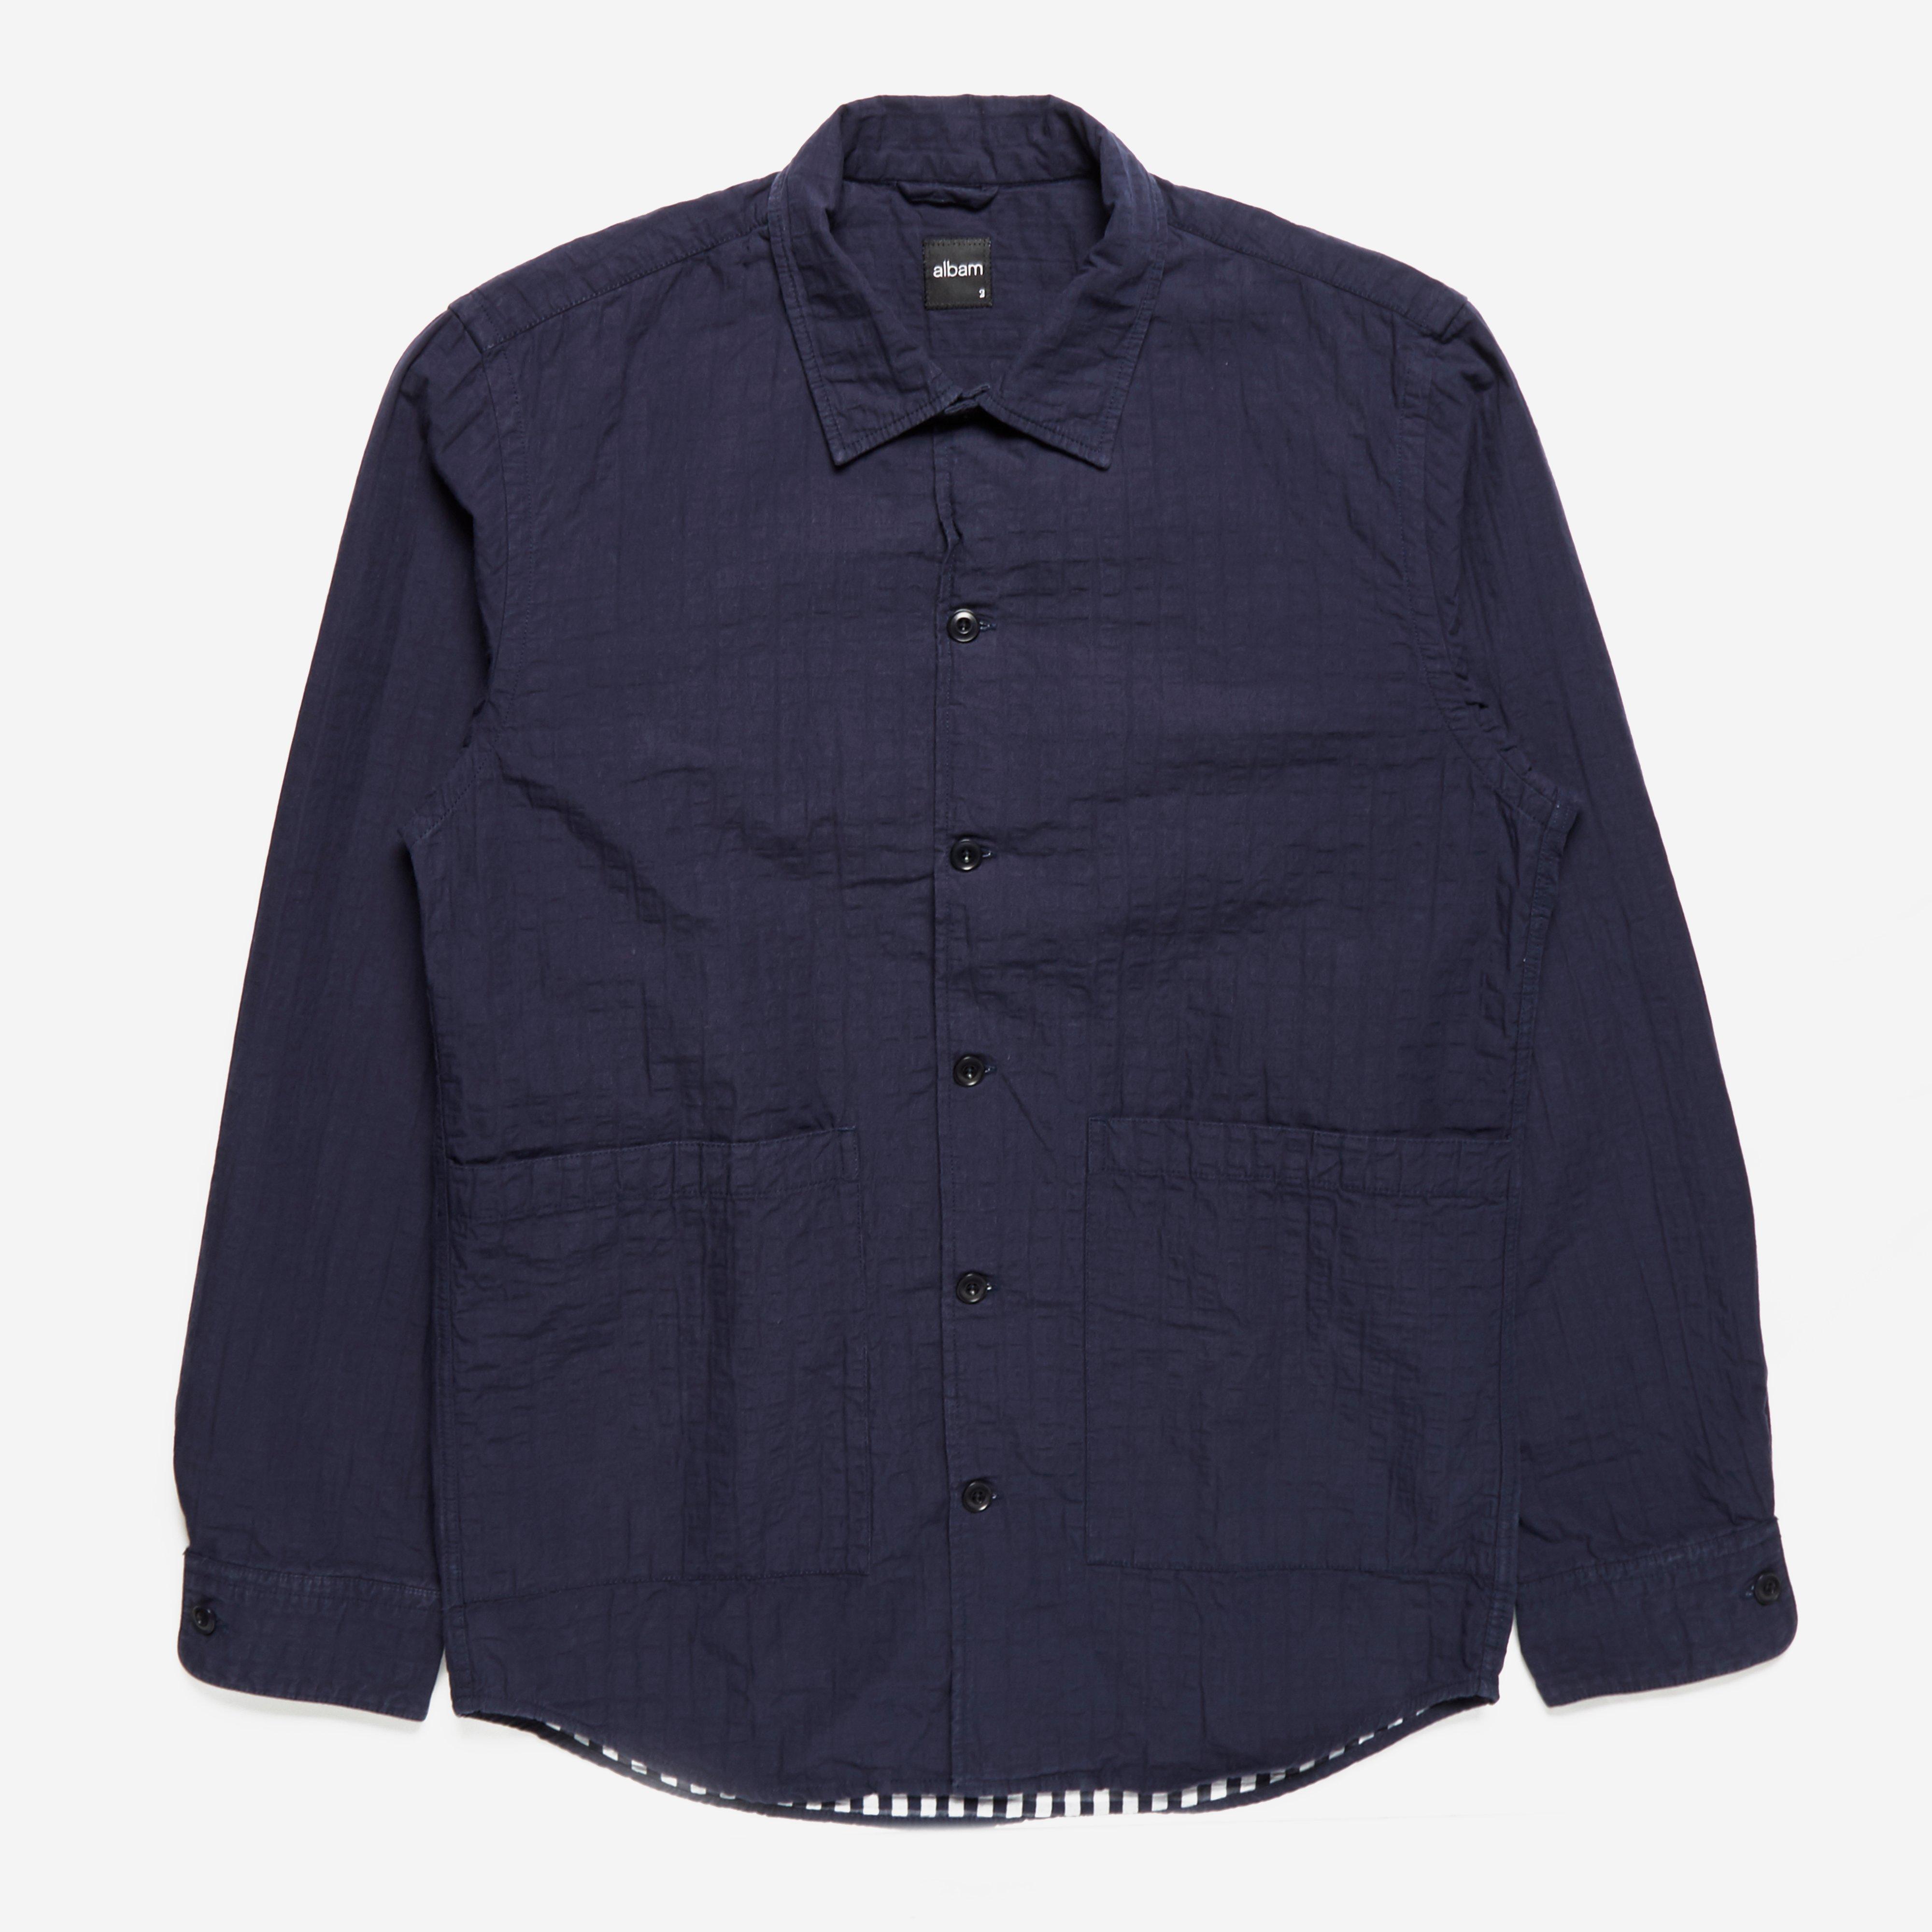 Albam Seersucker Summer Jacket